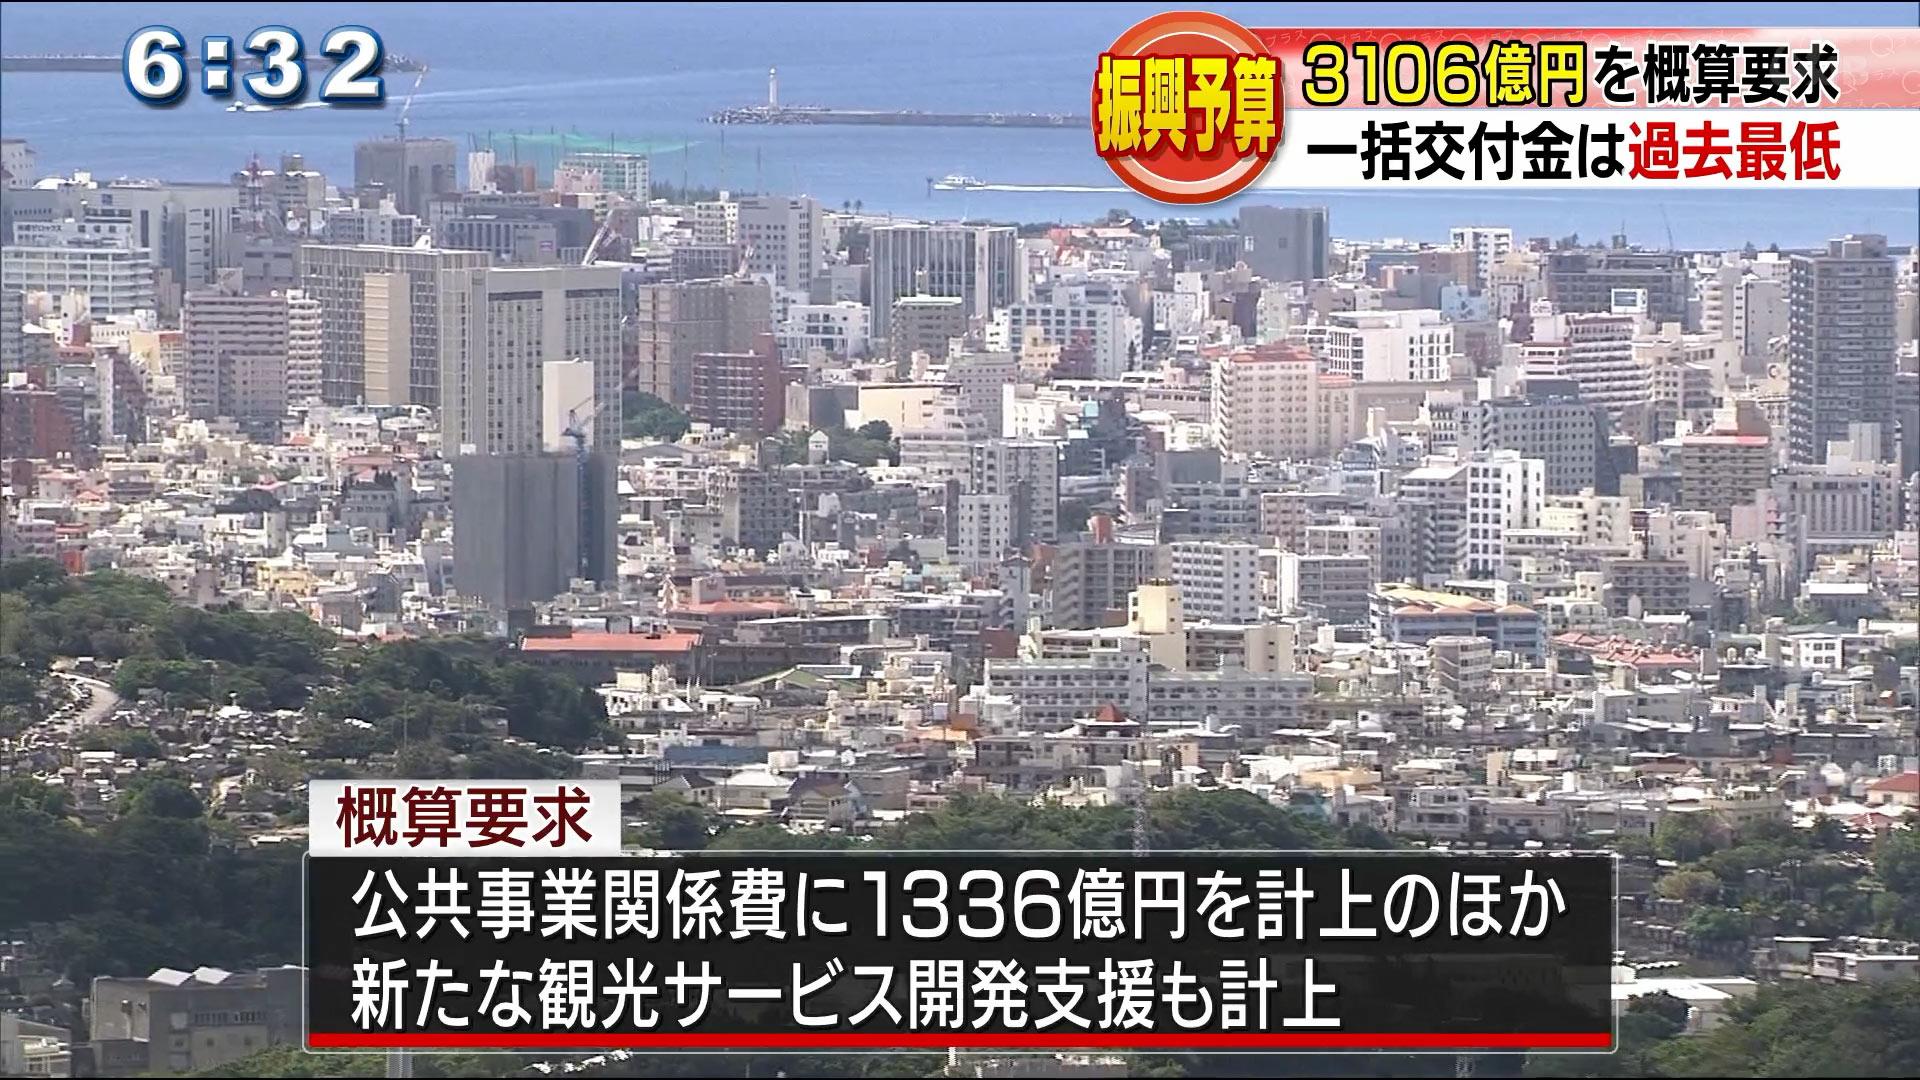 来年度沖縄関連予算 総額3106億円を概算要求